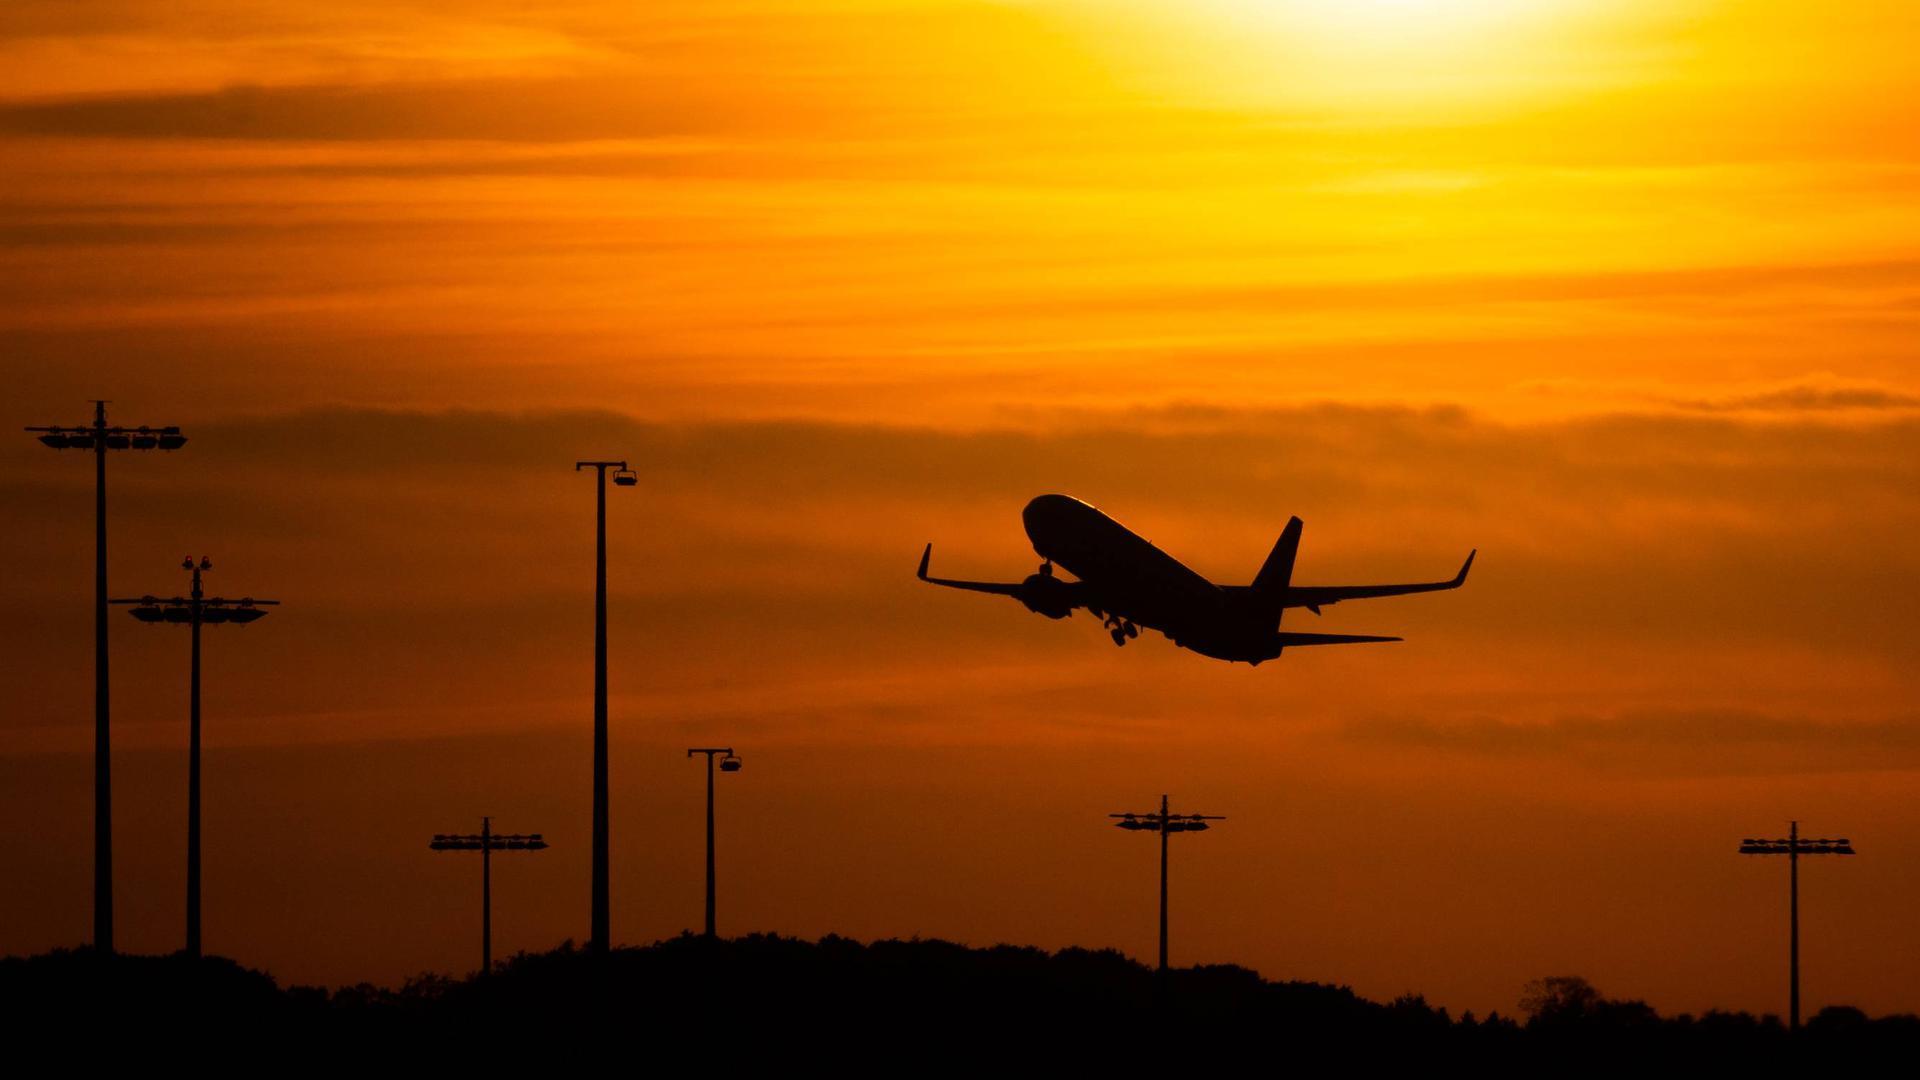 Auf in den Süden: Manche Urlauber sind bereit, ins Flugzeug zu steigen, andere hingegen verzichten dieses Jahr auf den Aufenthalt im Ausland und verbringen ihren Sommer in Deutschland.